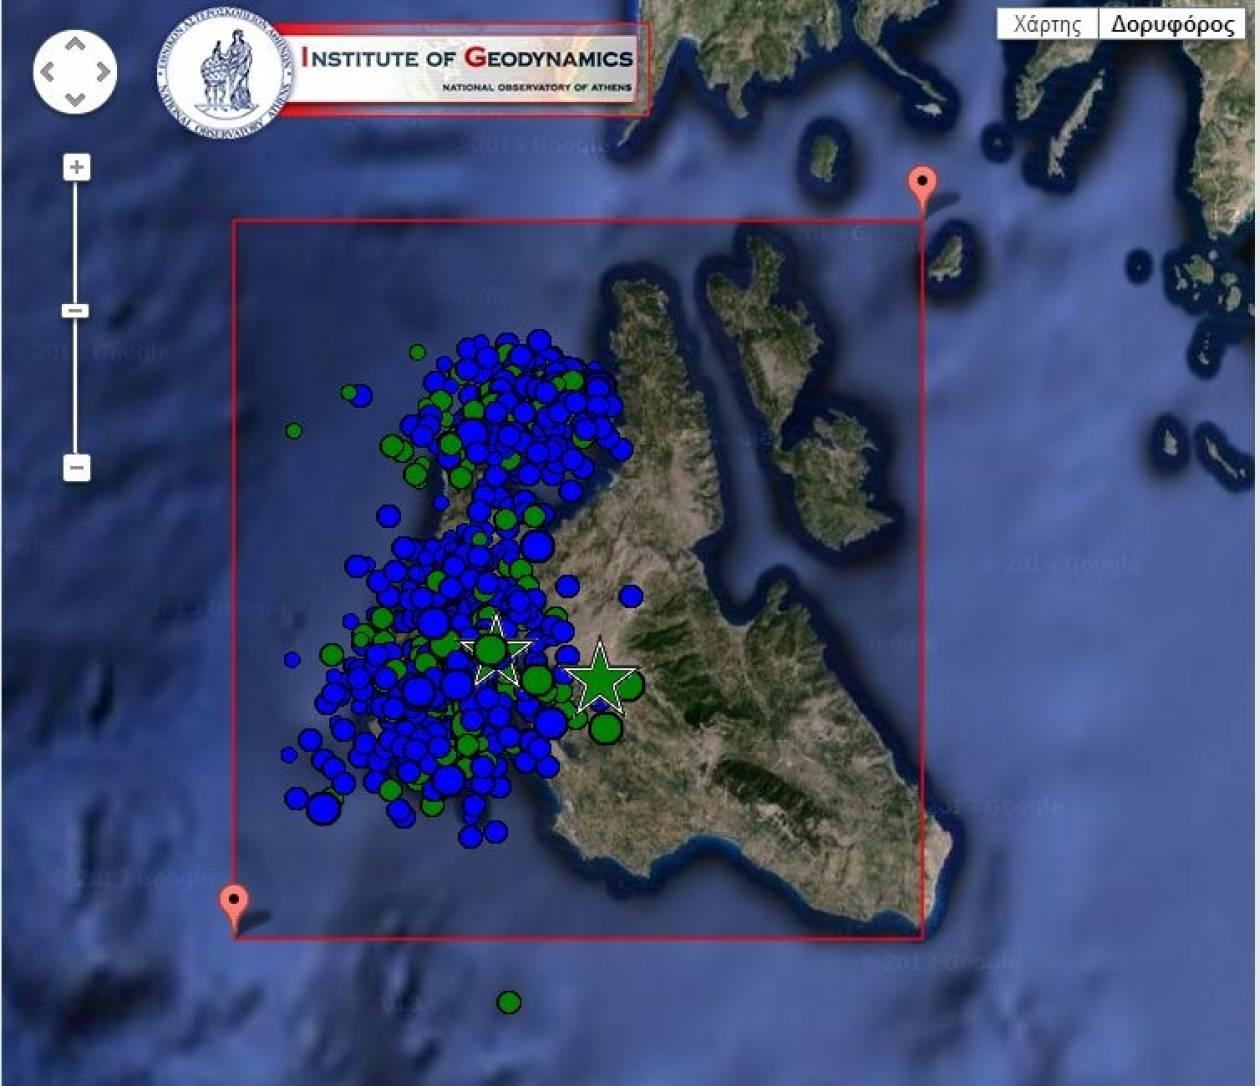 Κεφαλονιά: 818 μετασεισμοί «χορεύουν» το νησί μετά τον πρώτο σεισμό